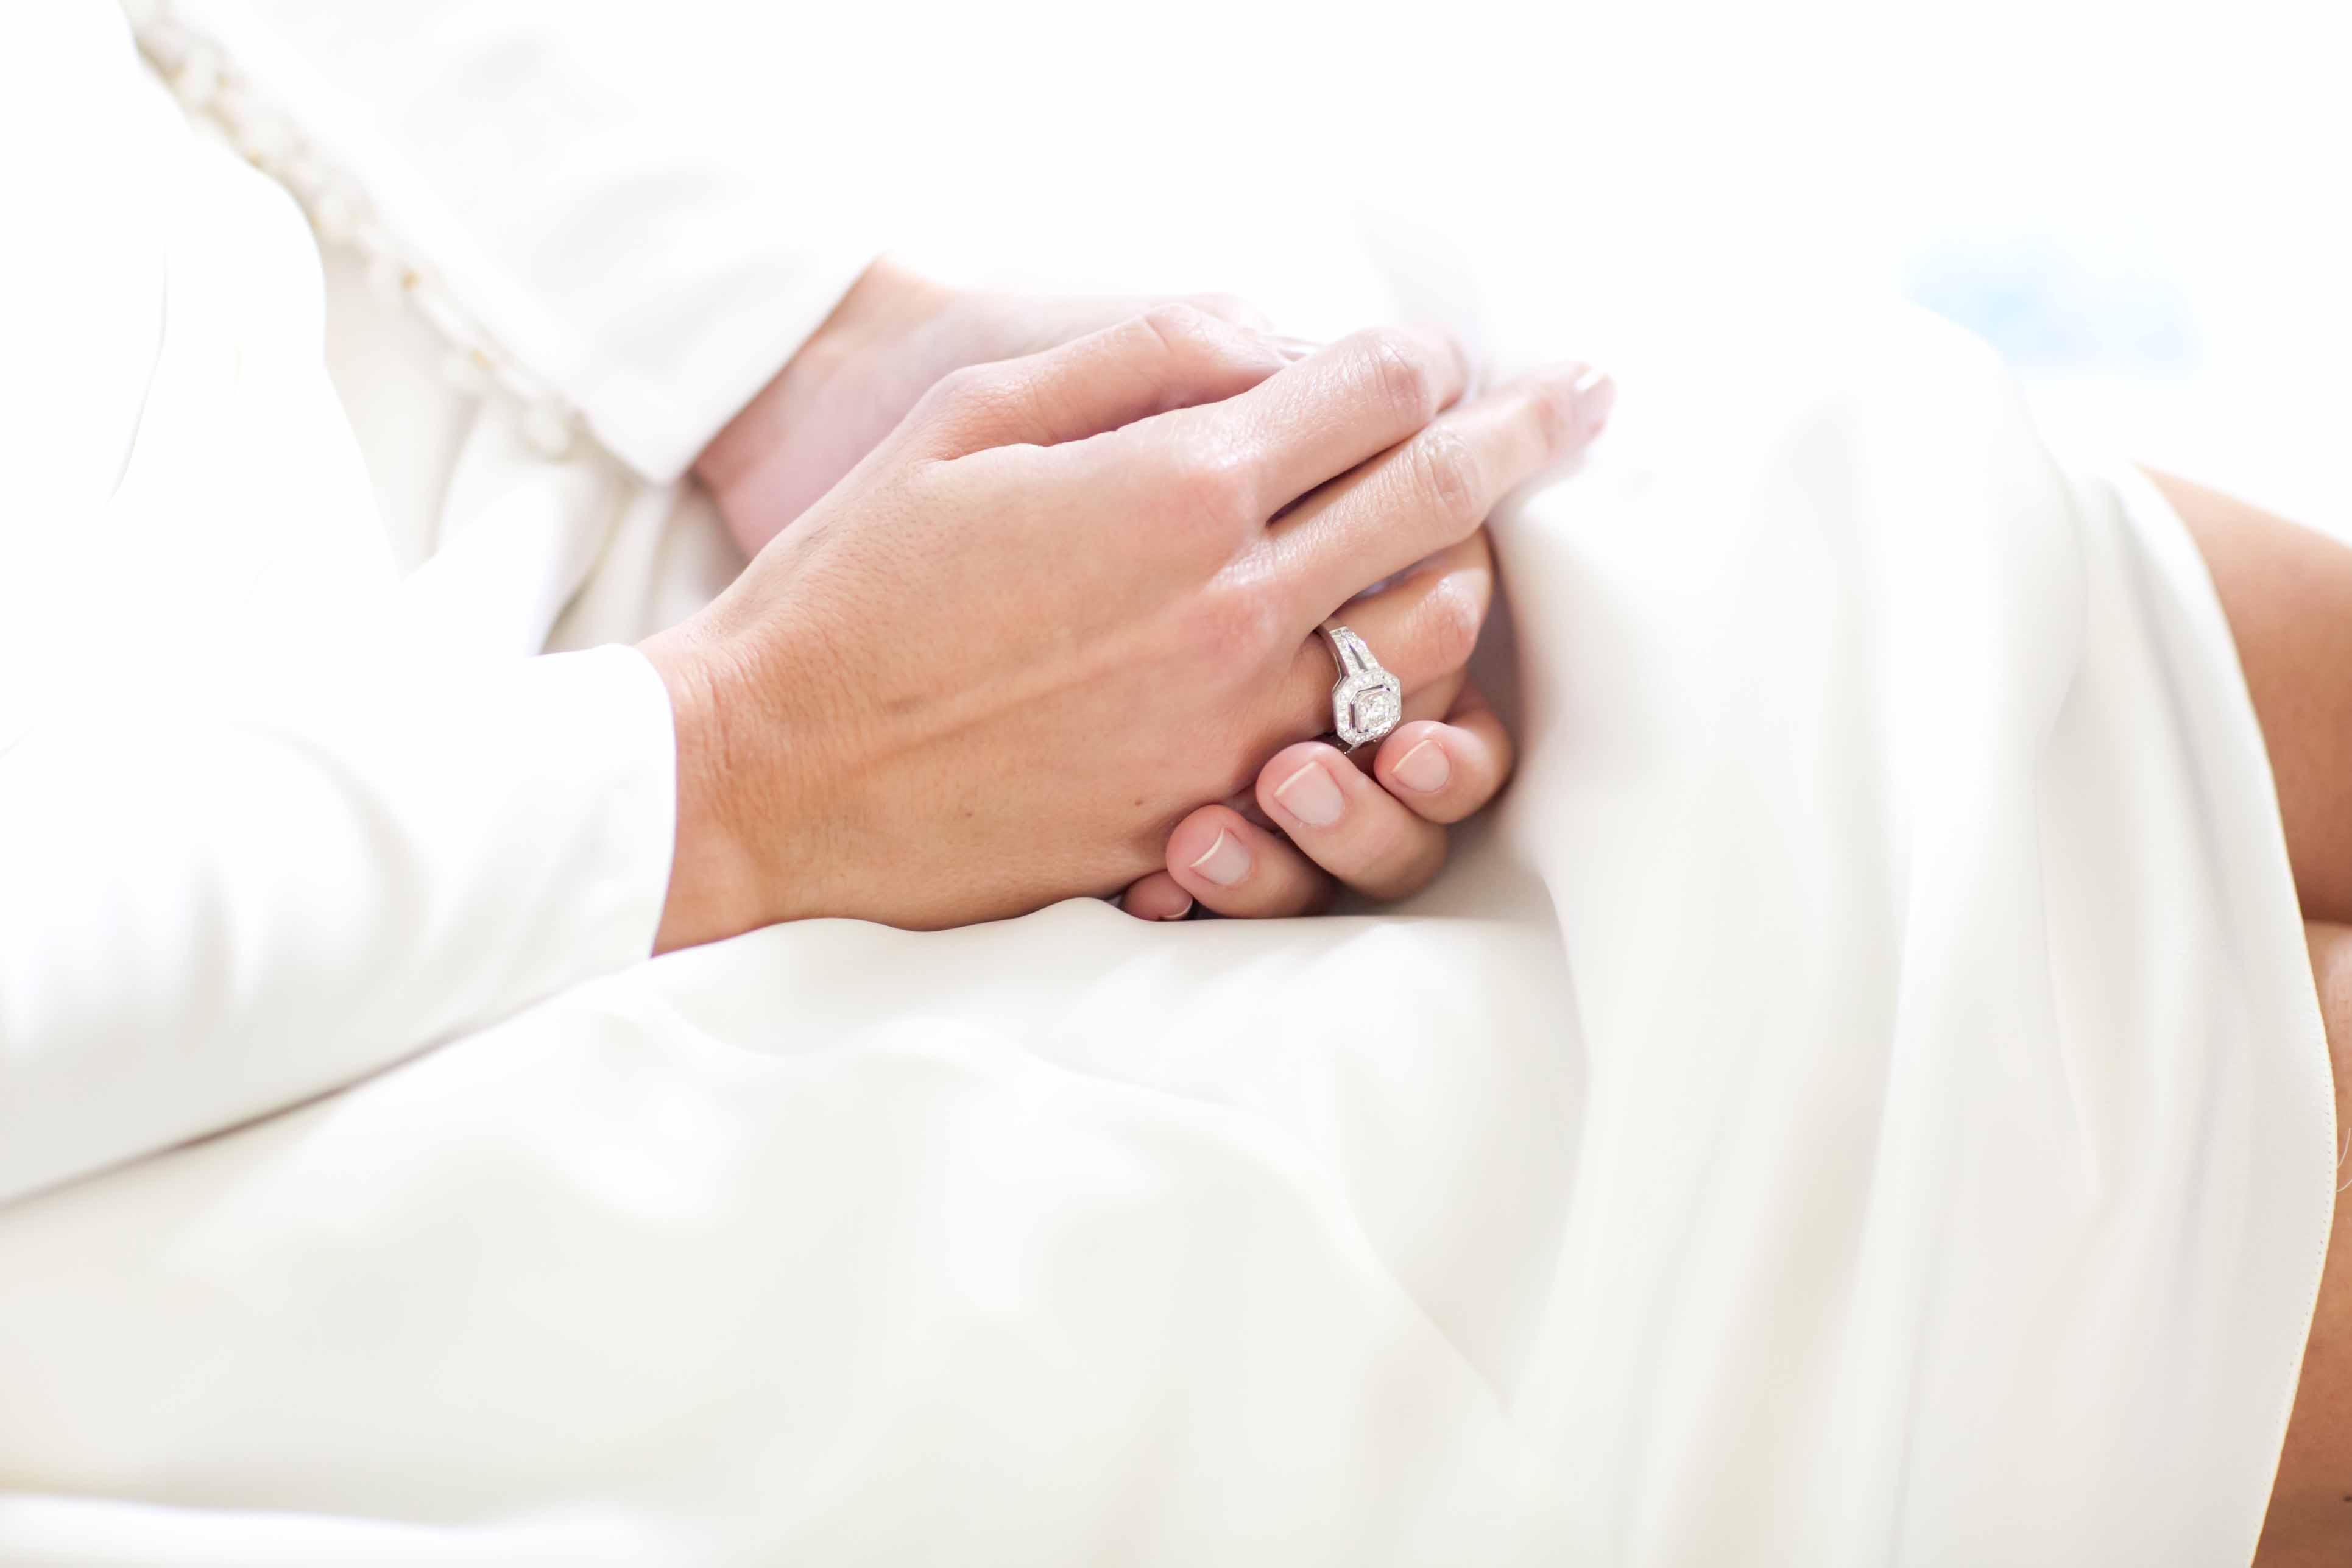 Si-Quiero-Wedding-Planner-By-Sira-Antequera-Bodas-Málaga-Marbella-Miami- Patricia-Javier-3